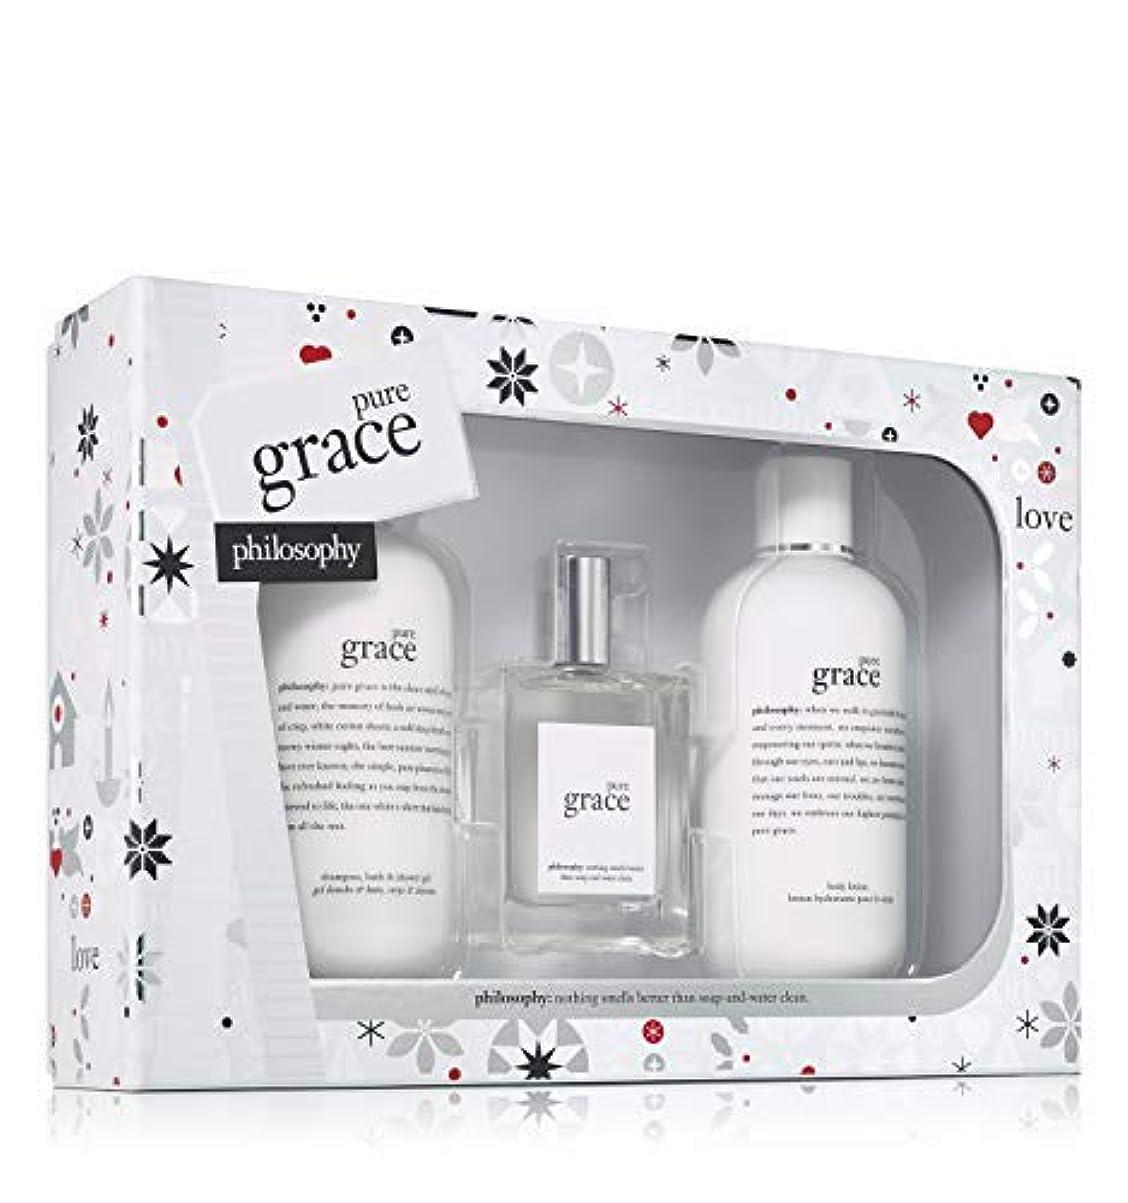 優しさ彫る過度にPhilosophy - Pure Grace 3-Piece Gift Set Holiday 2017